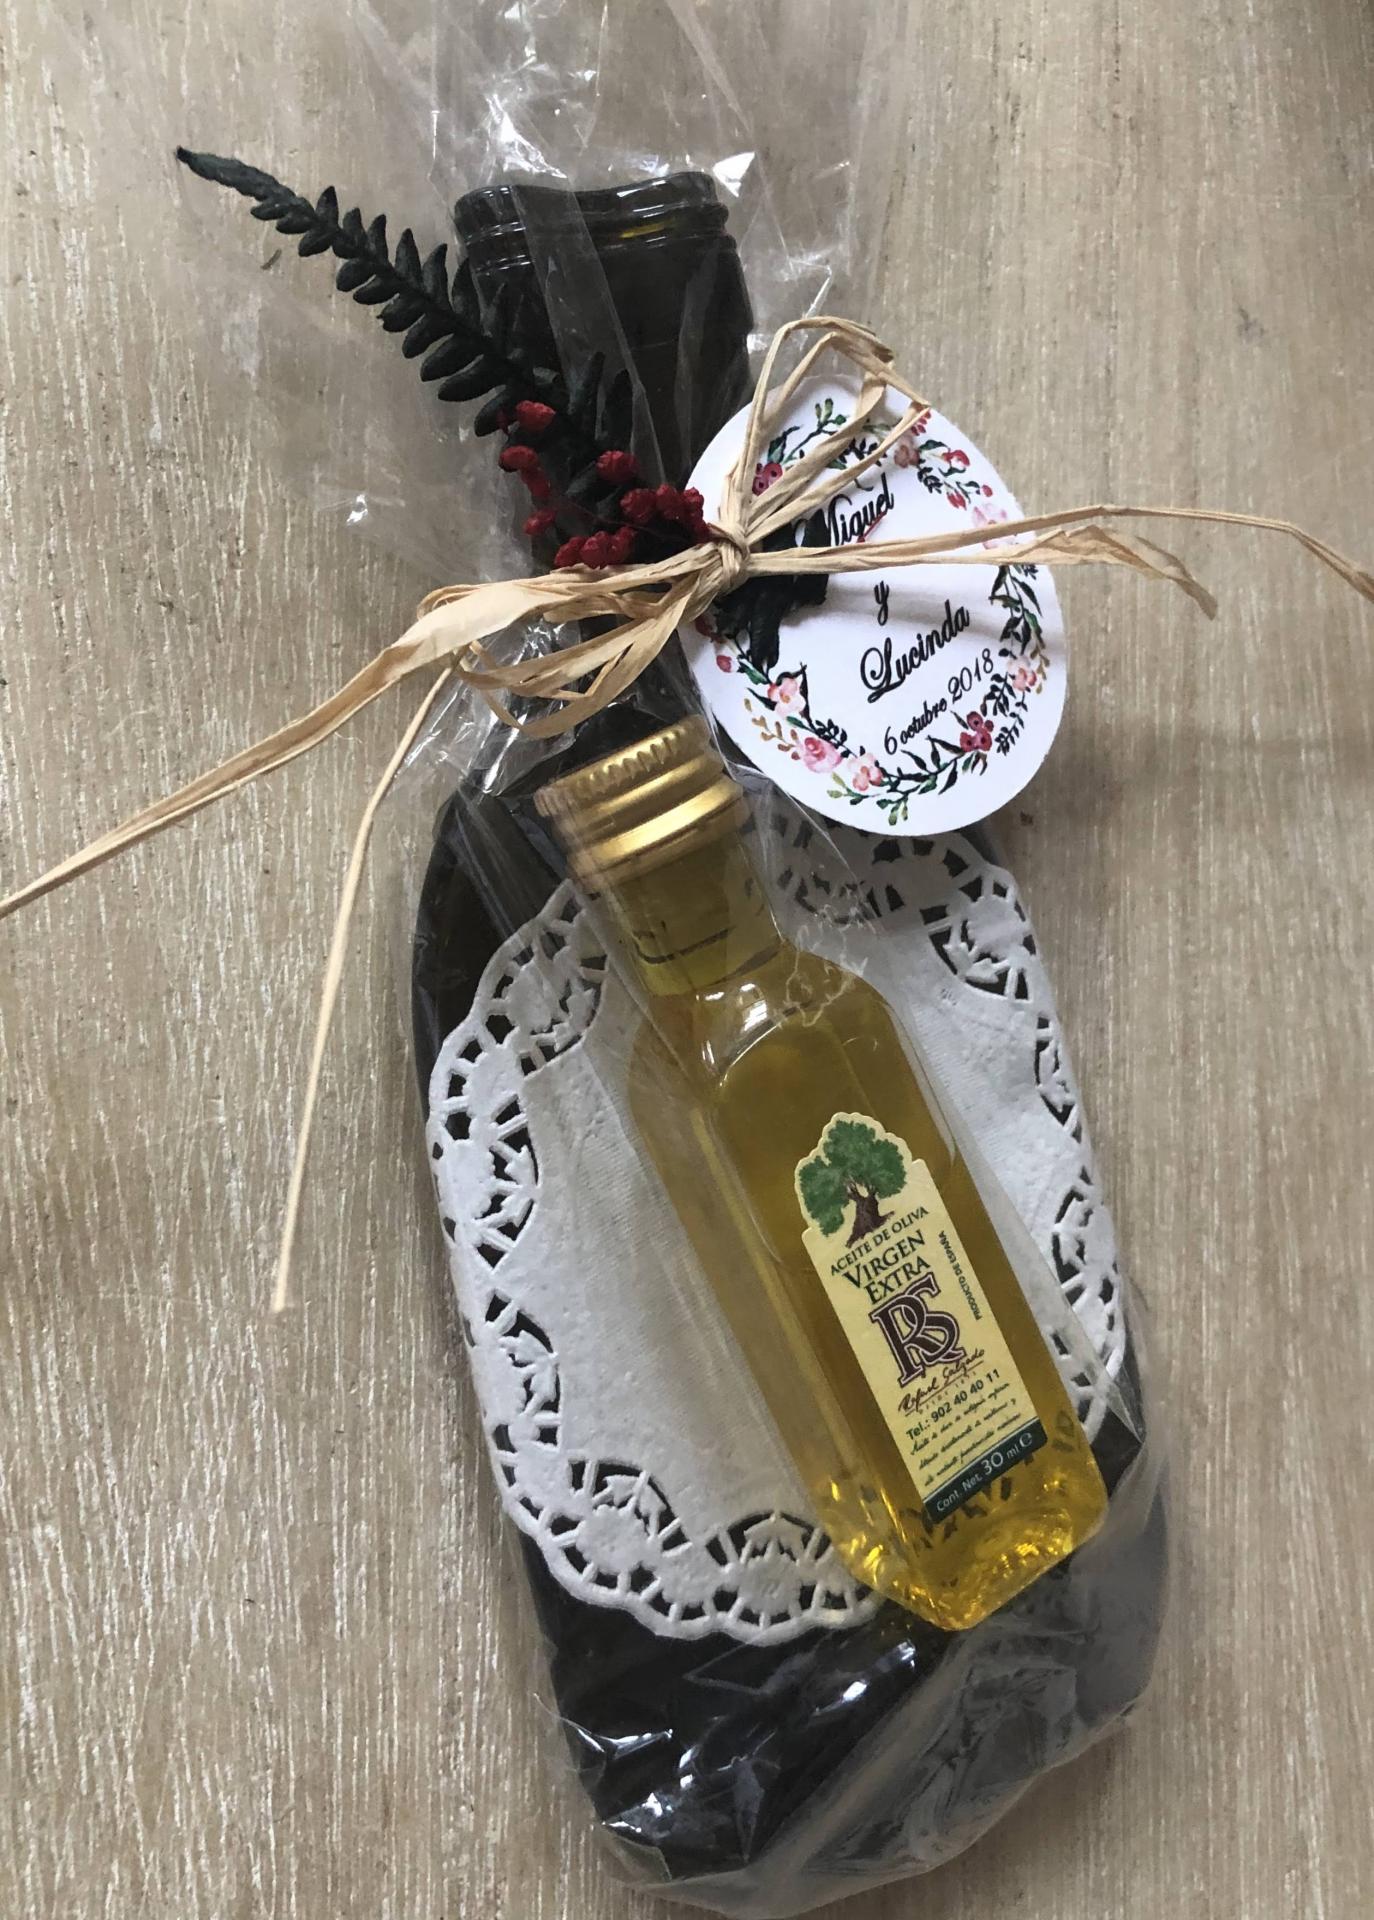 Vacíabolsillos Botella de Sidra con Aceite de Oliva